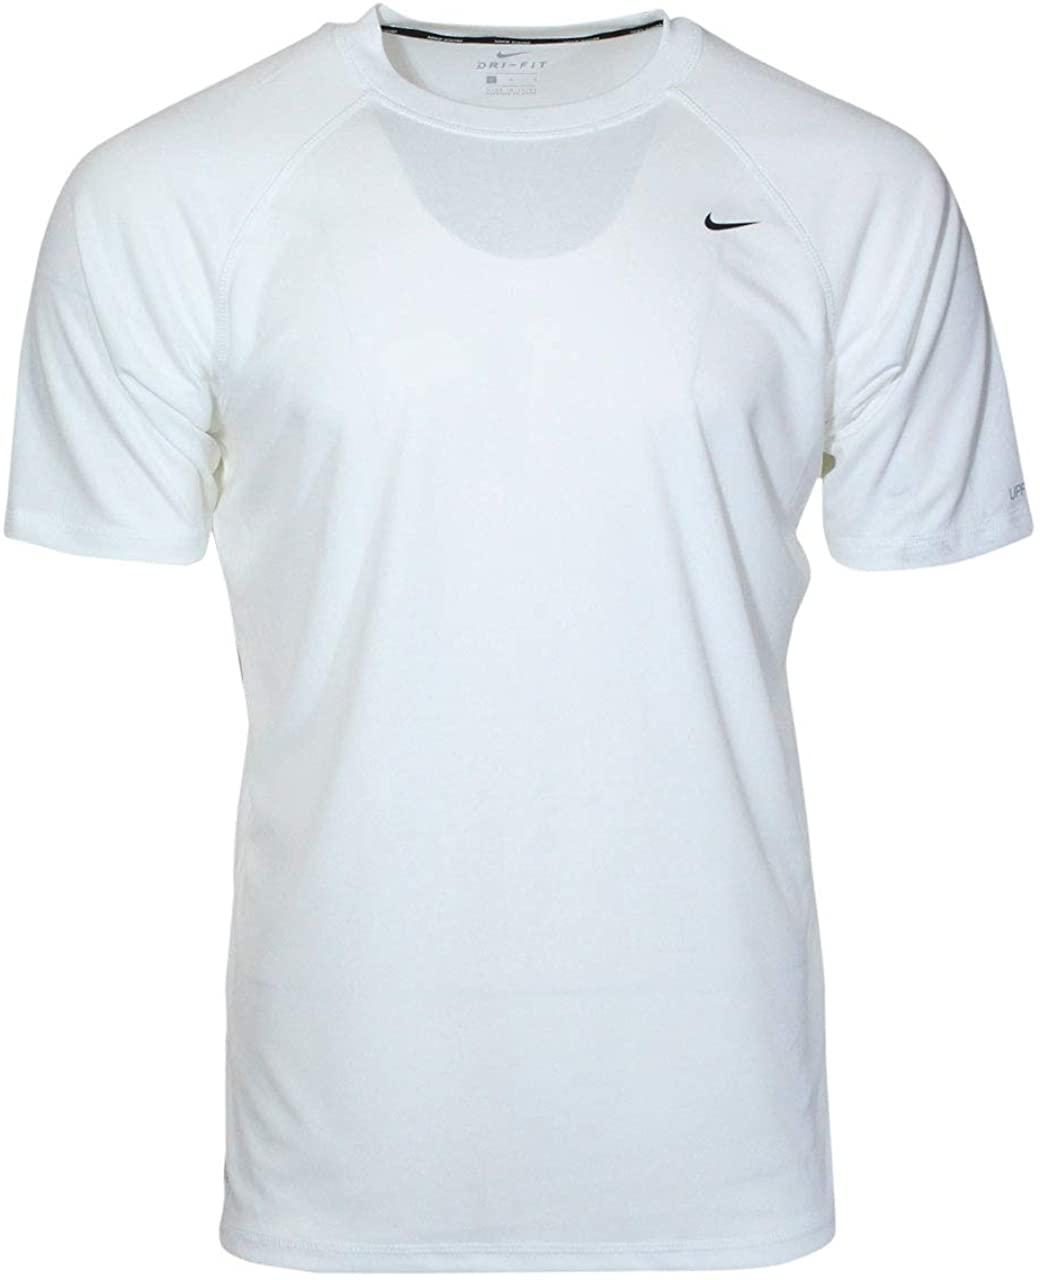 Nike Hydroguard Rash Guard Shirt Mens Dri-FIT Swimwear